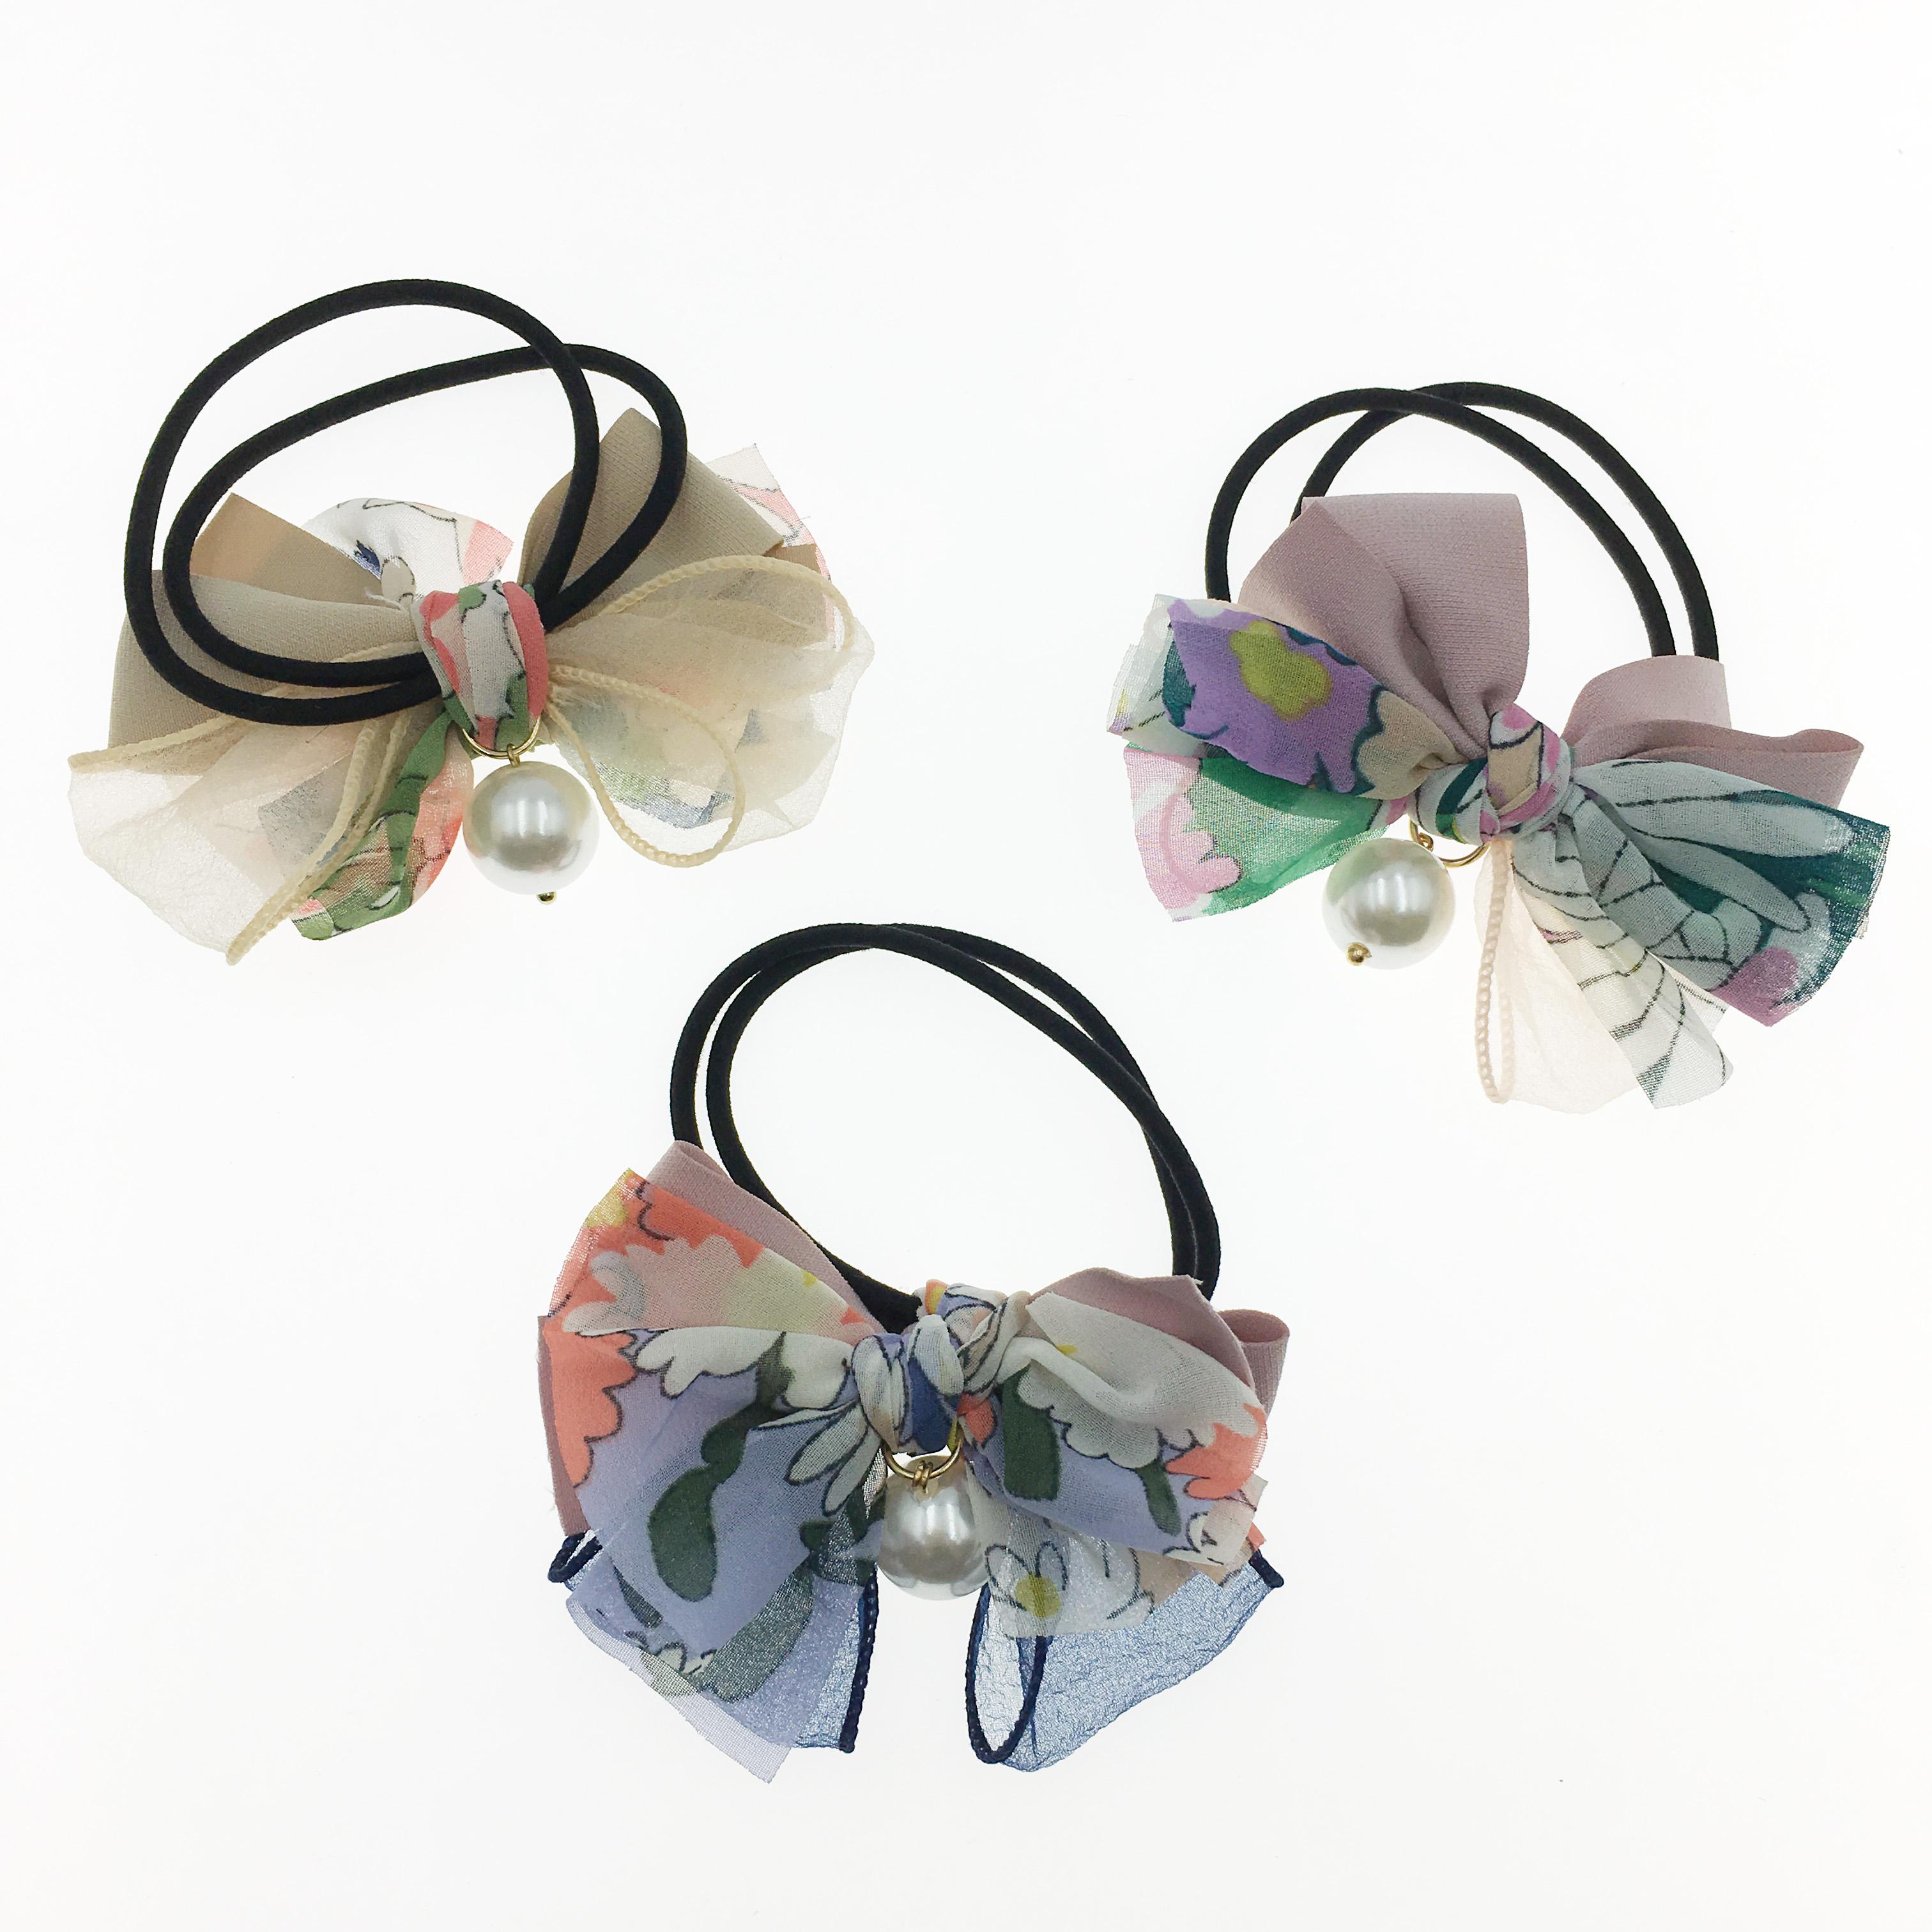 韓國 花朵 珍珠 蝴蝶結 透絲 三色 髮束 髮圈 髮飾